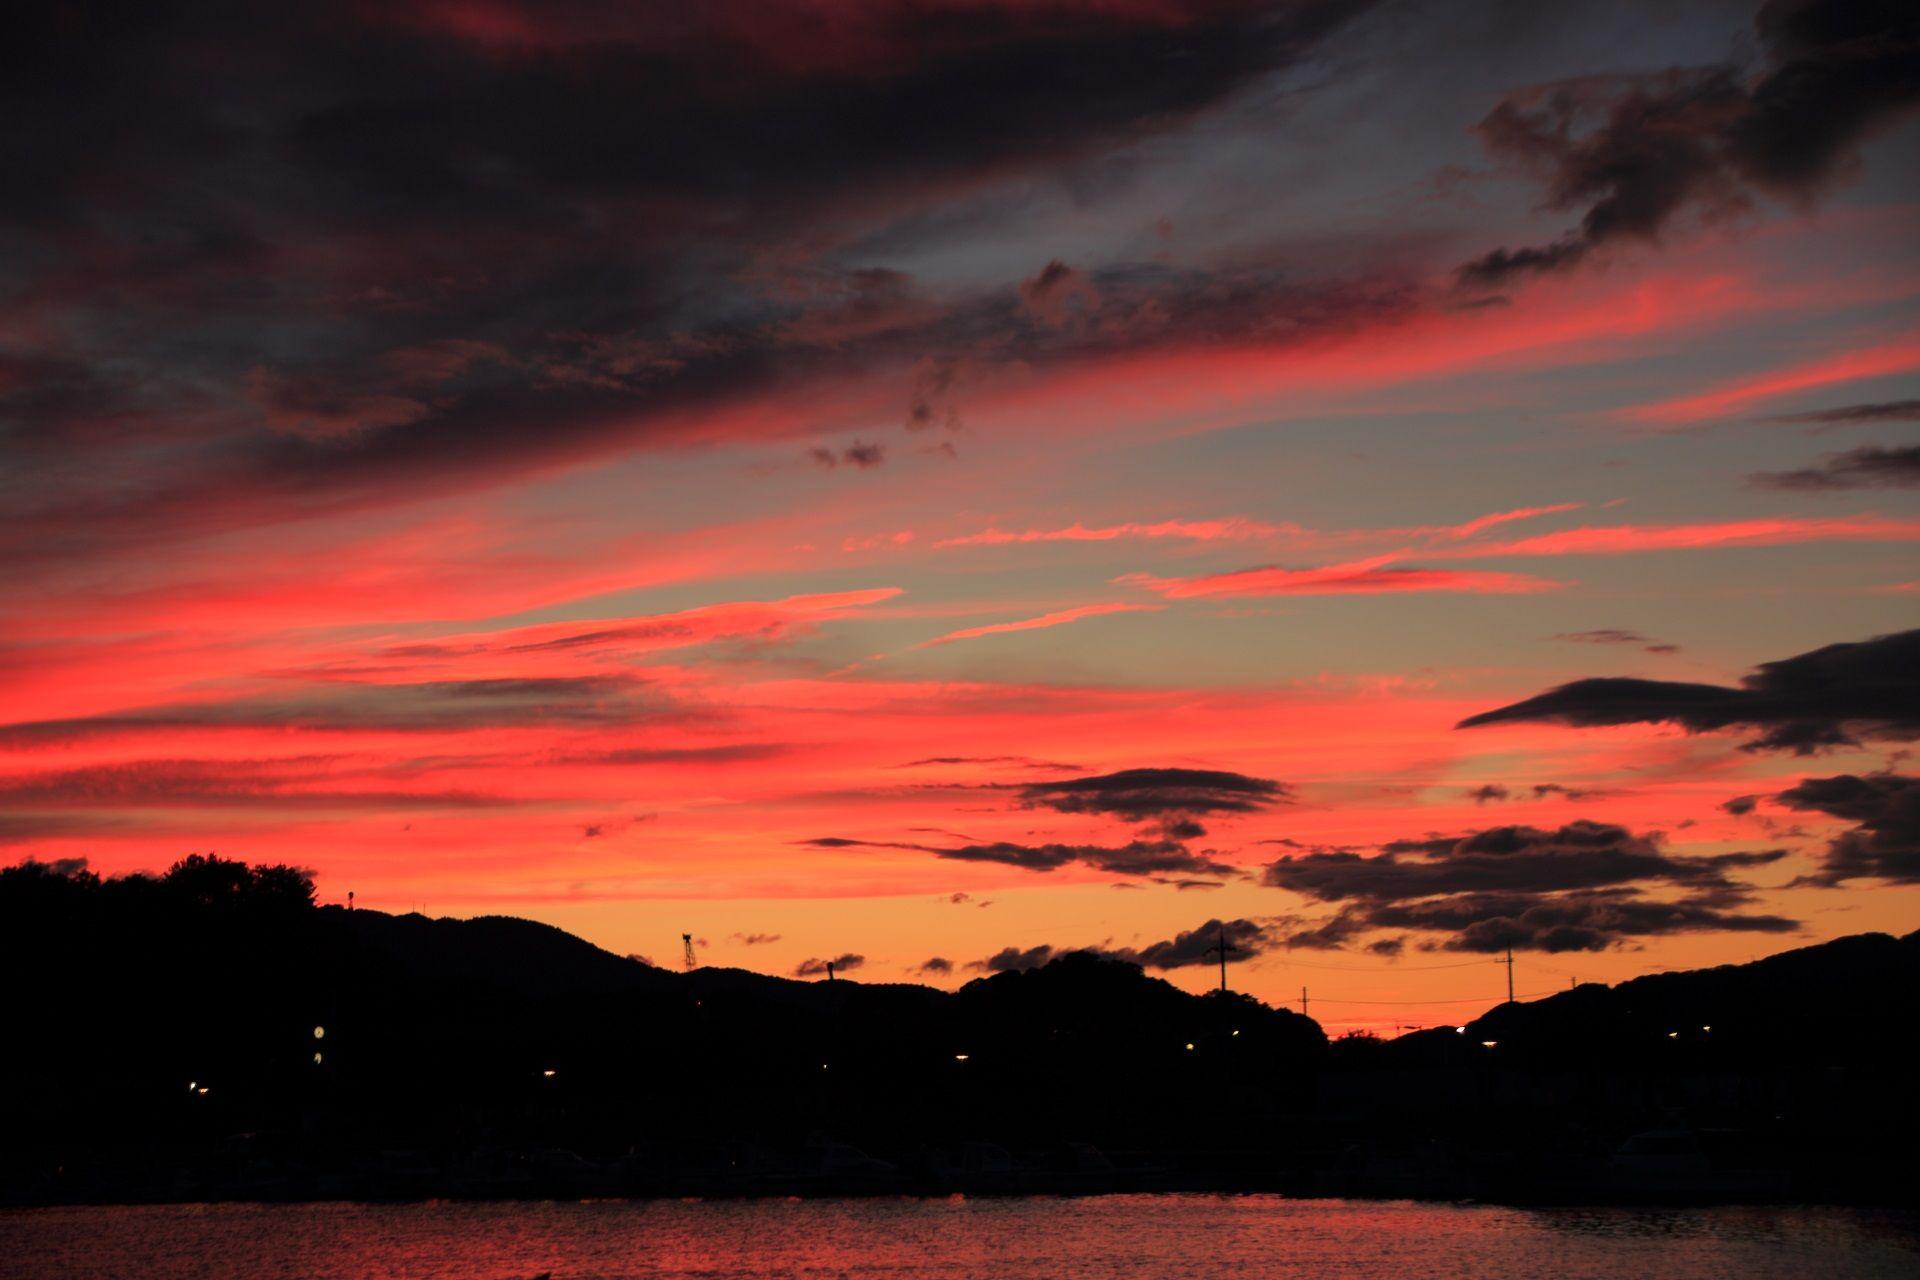 夕焼け空を映してオレンジやピンク色に染まる舞鶴港の海面